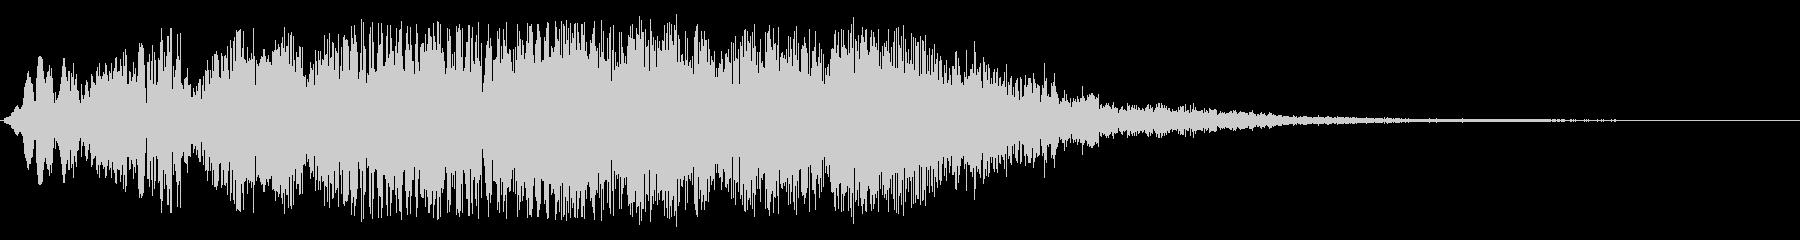 ブォーンと広がるジングル系スペース音の未再生の波形